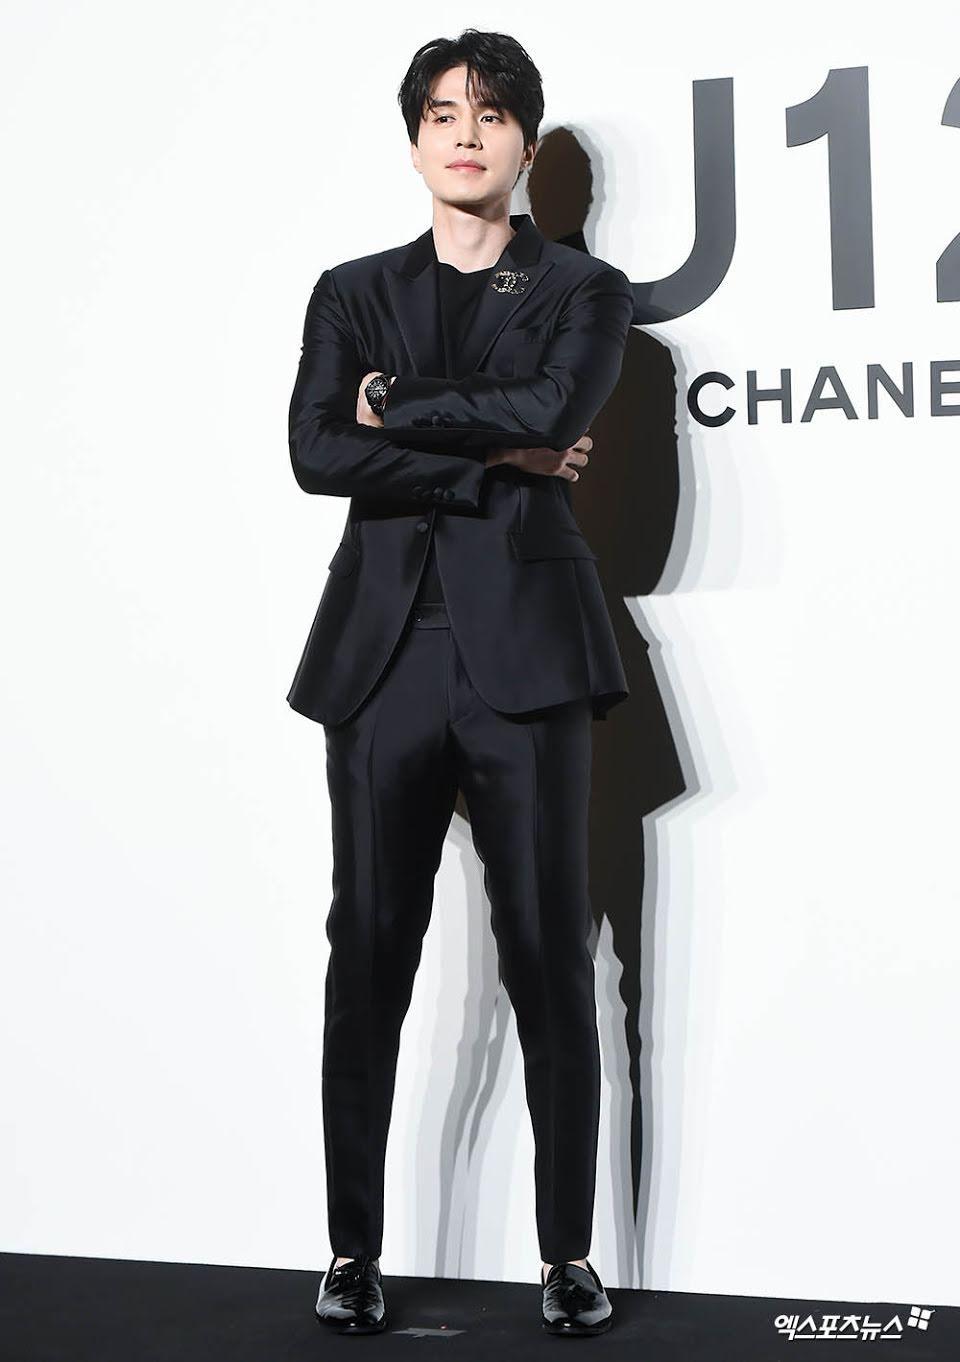 'Thần chết' Lee Dong Wook diện cả 'cây đen' hiến người ham mộ 'đổ rầm rầm' trước nhan sắc đỉnh cao Ảnh 4